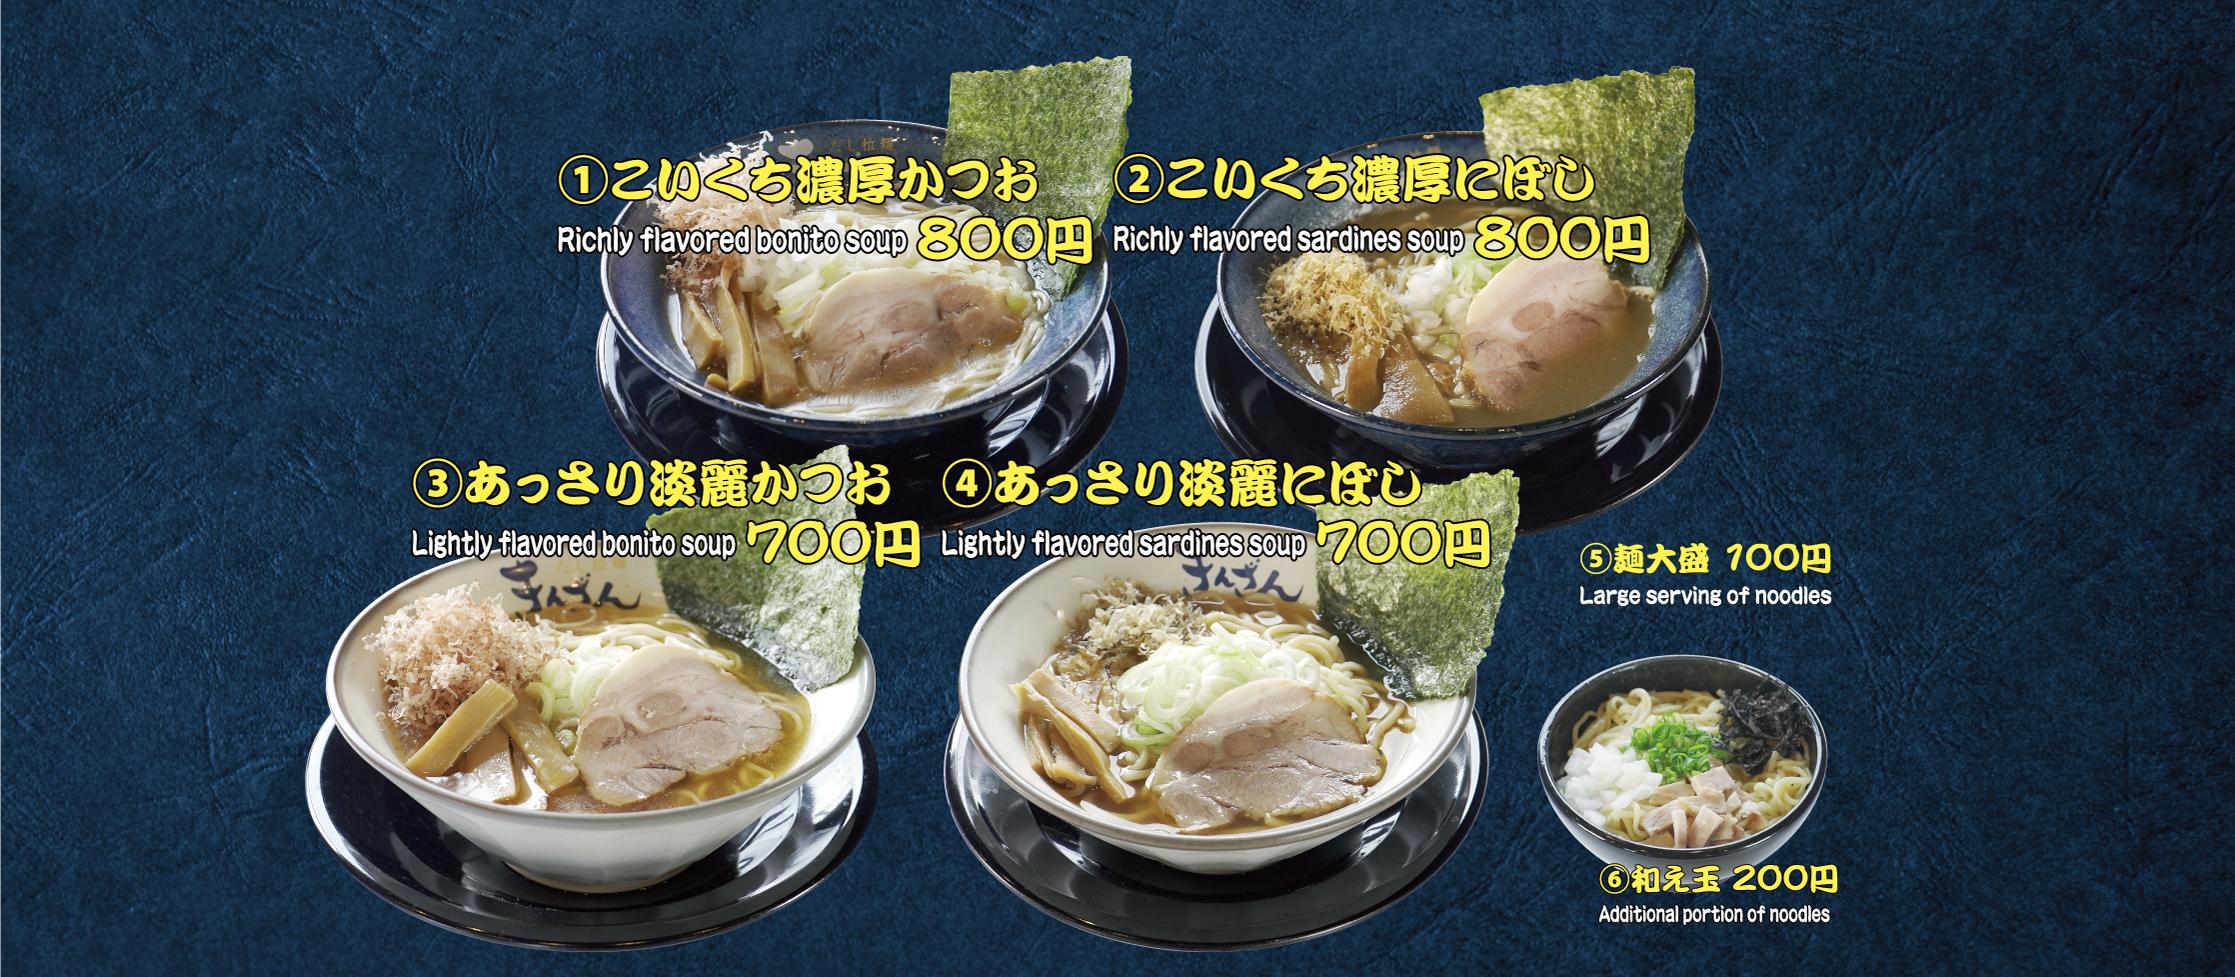 メニュー拉麺